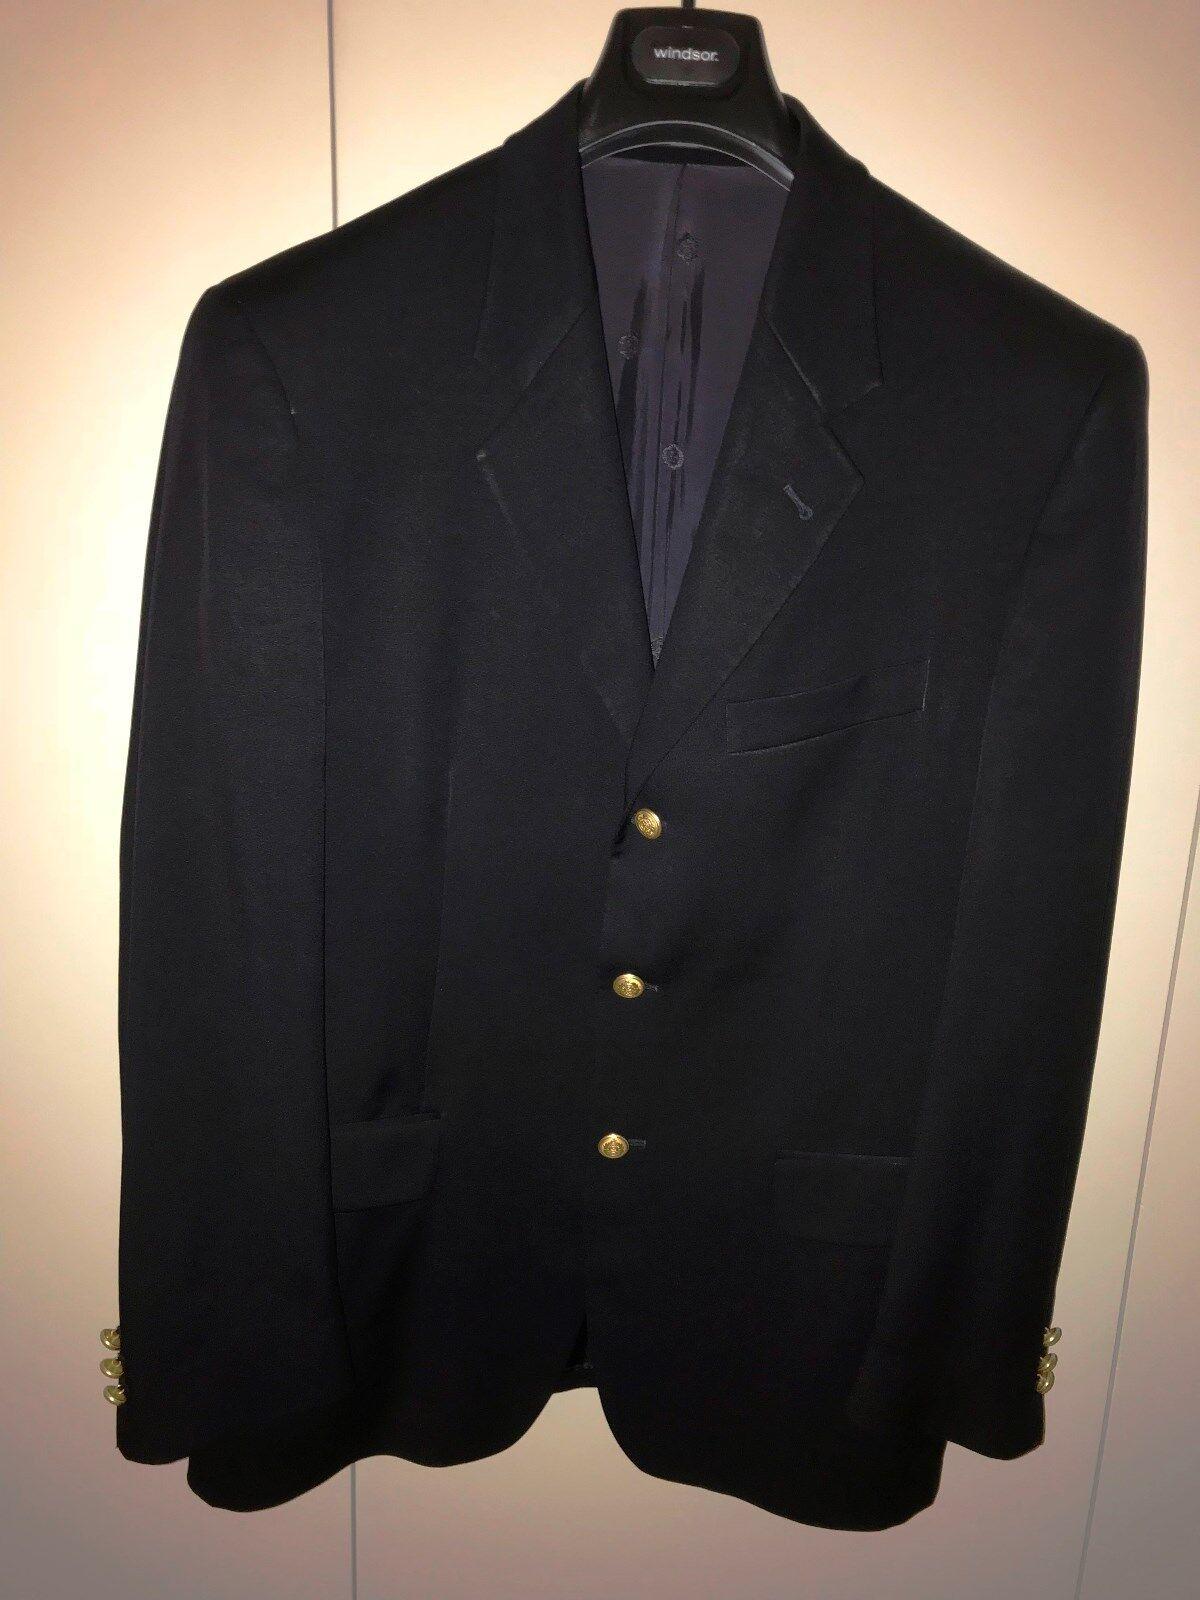 Blazer blue marine boutons dorés marque DE FURSAC size 50 veste